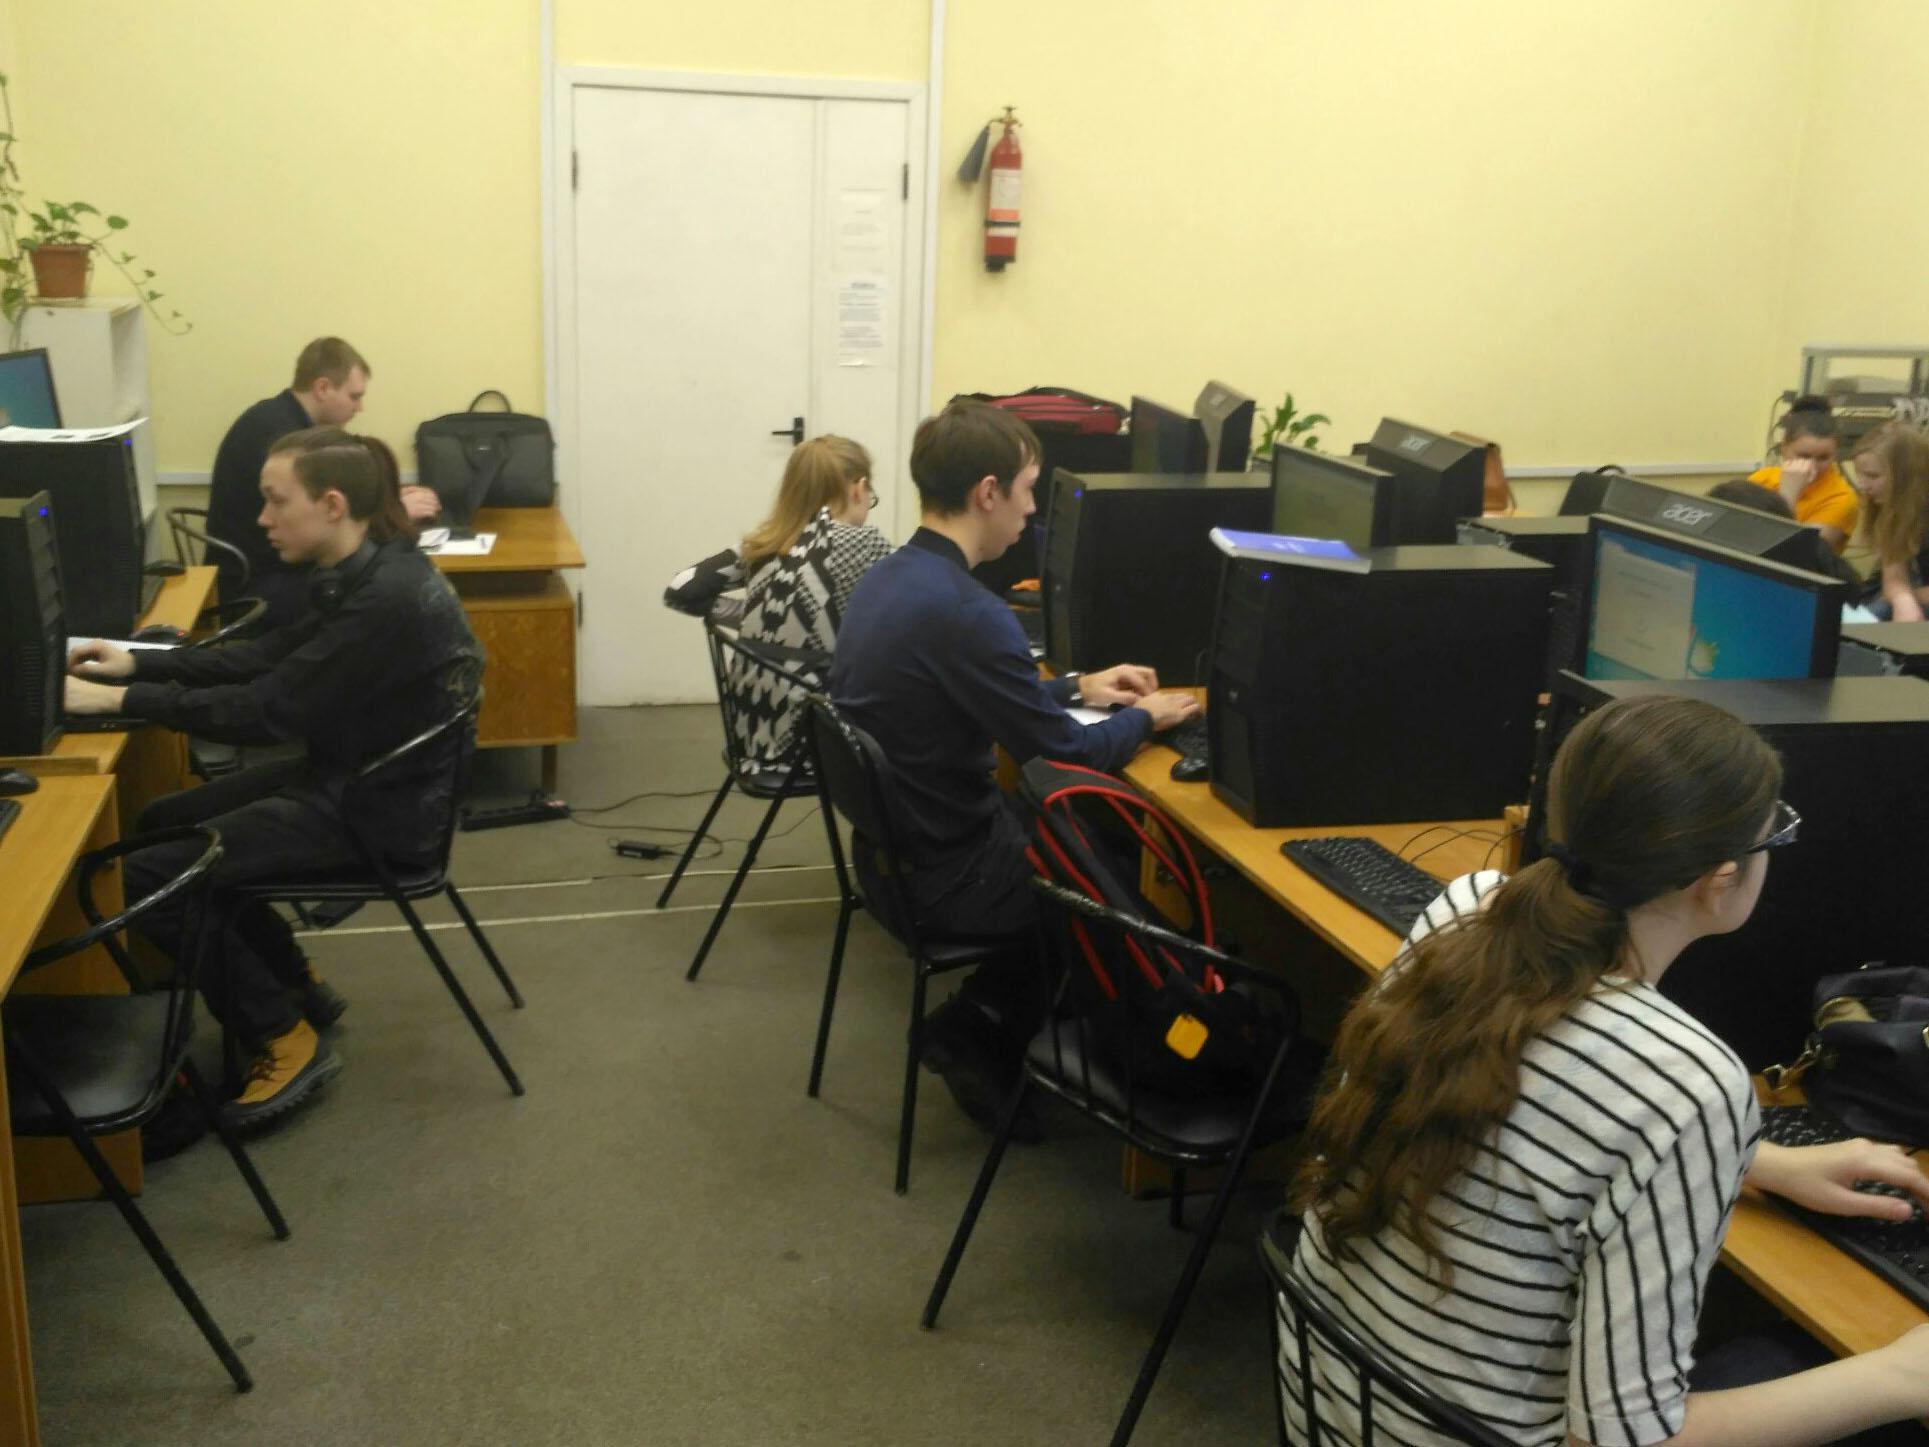 Участники Международной олимпиады по веб-программированию - Эм Си Арт